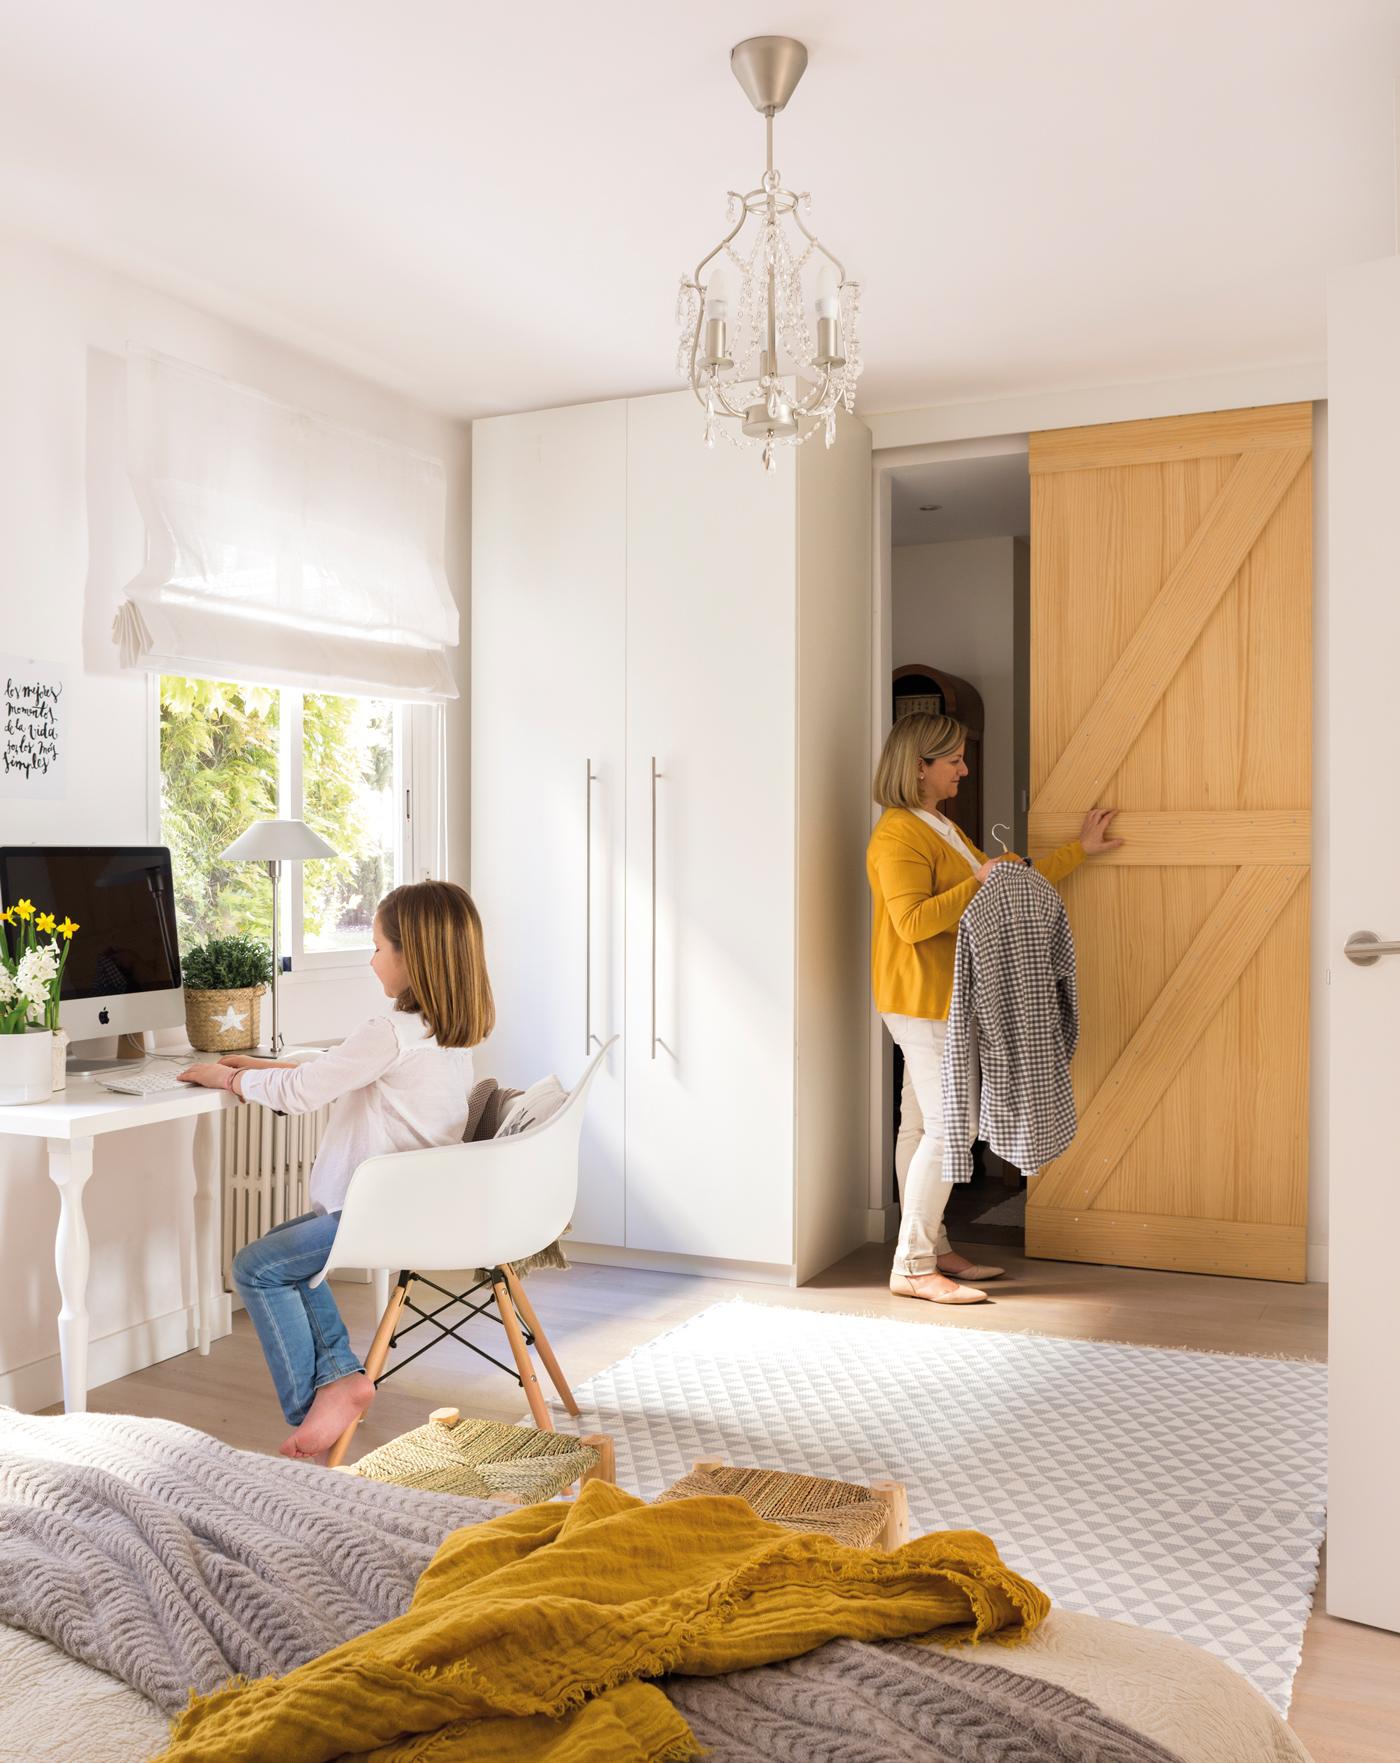 Puertas correderas para evitar barreras y ahorrar espacio for Construir puerta corredera